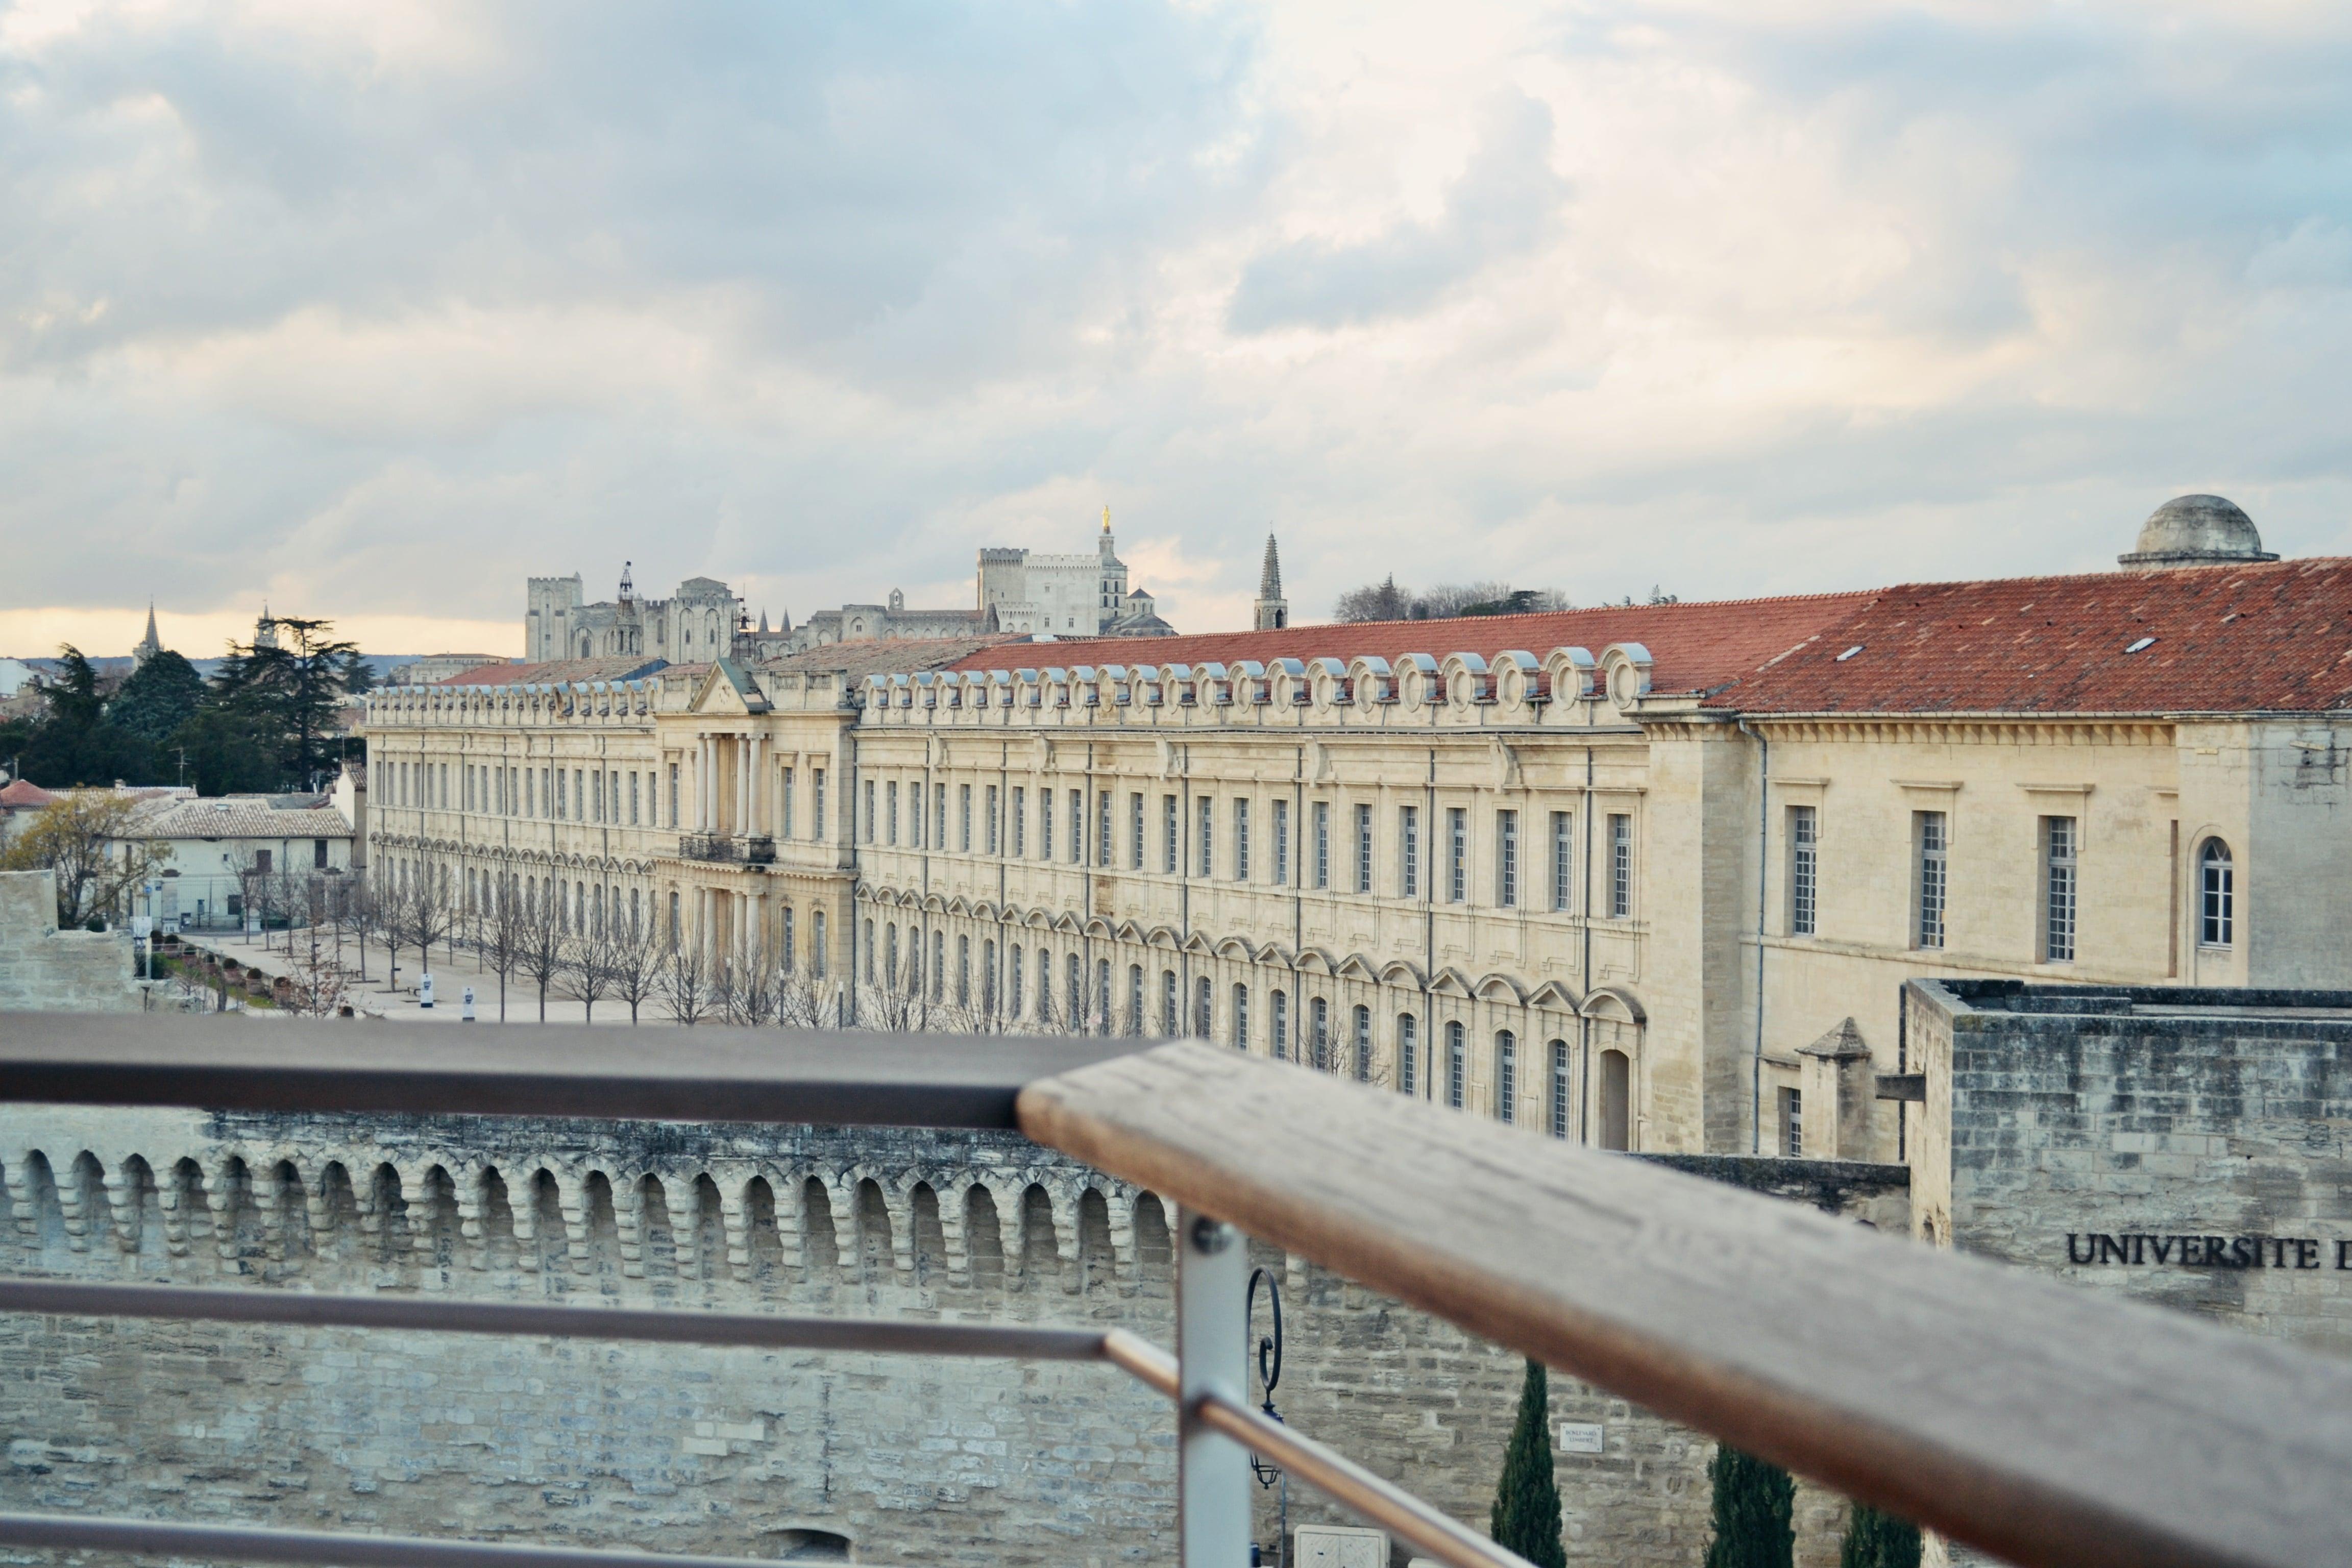 Appart hotel de luxe sur Avignon